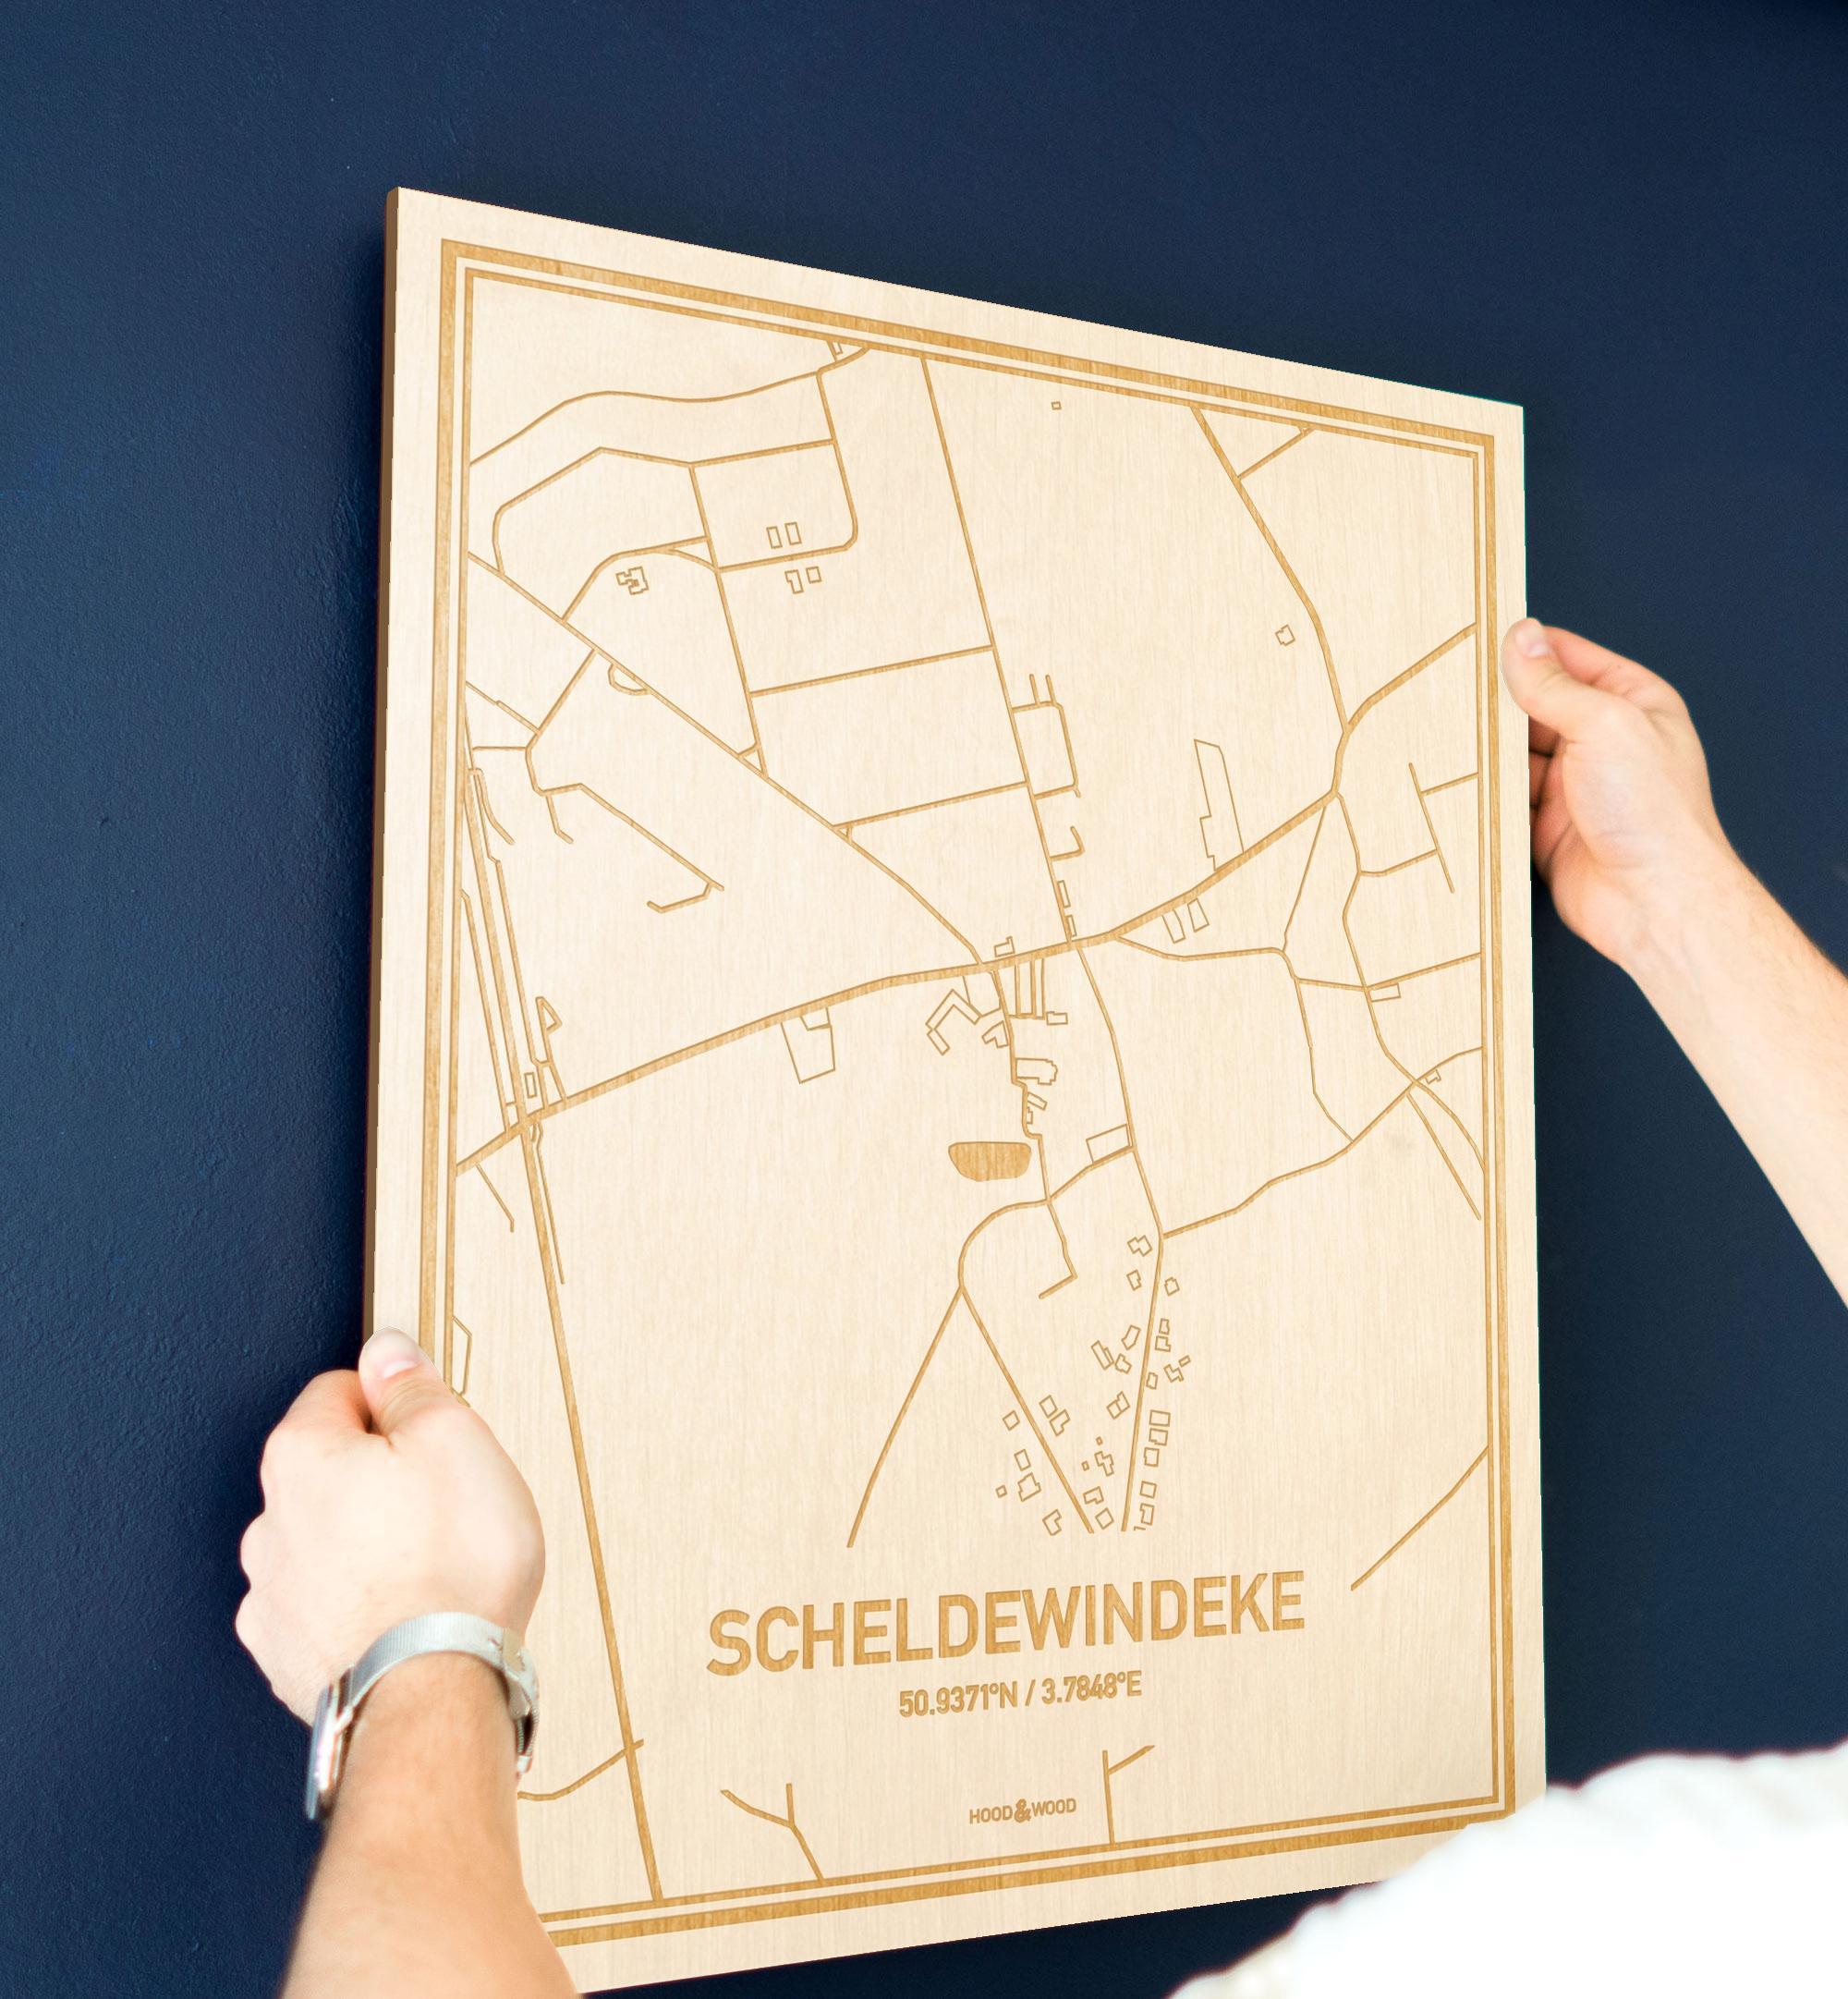 Een man hangt de houten plattegrond Scheldewindeke aan zijn blauwe muur ter decoratie. Je ziet alleen zijn handen de kaart van deze speciale in Oost-Vlaanderen  vasthouden.